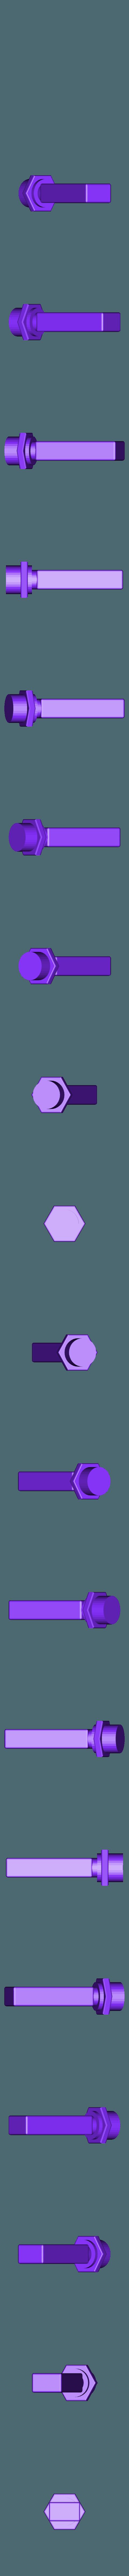 rear_box_toggle_switch.stl Télécharger fichier STL gratuit Ghostbuster Ghostbuster Ghosttrap • Modèle pour impression 3D, SLIDES